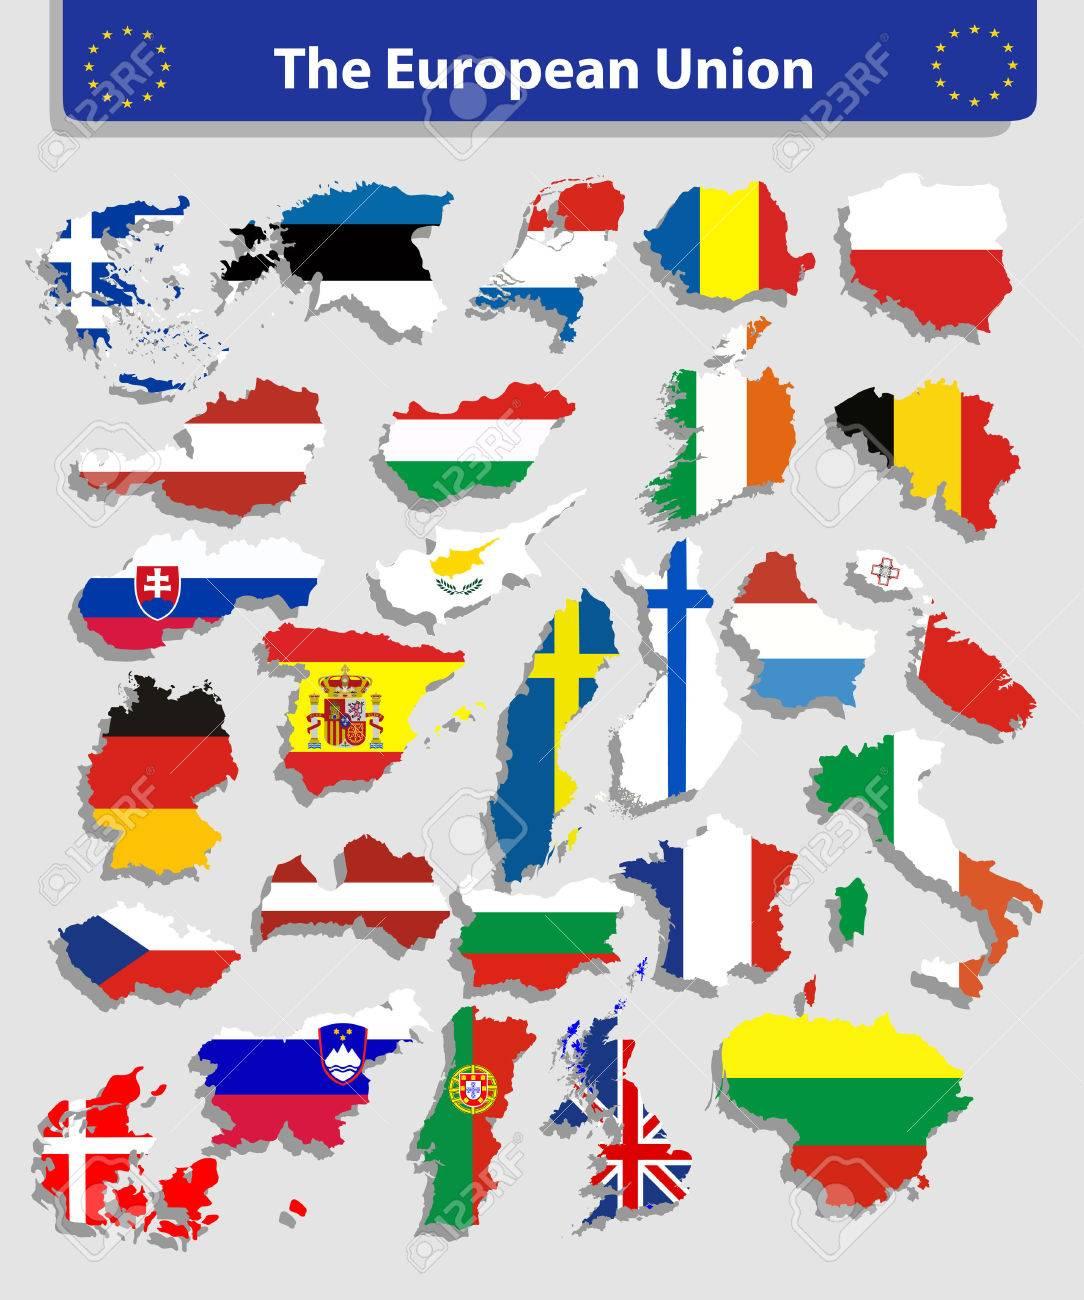 La Carte De L'union Européenne Et Tous Les Pays Drapeaux Des Pays Membres  De L'union Européenne Superposées Sur Fond De Carte dedans Carte De L Union Europeenne